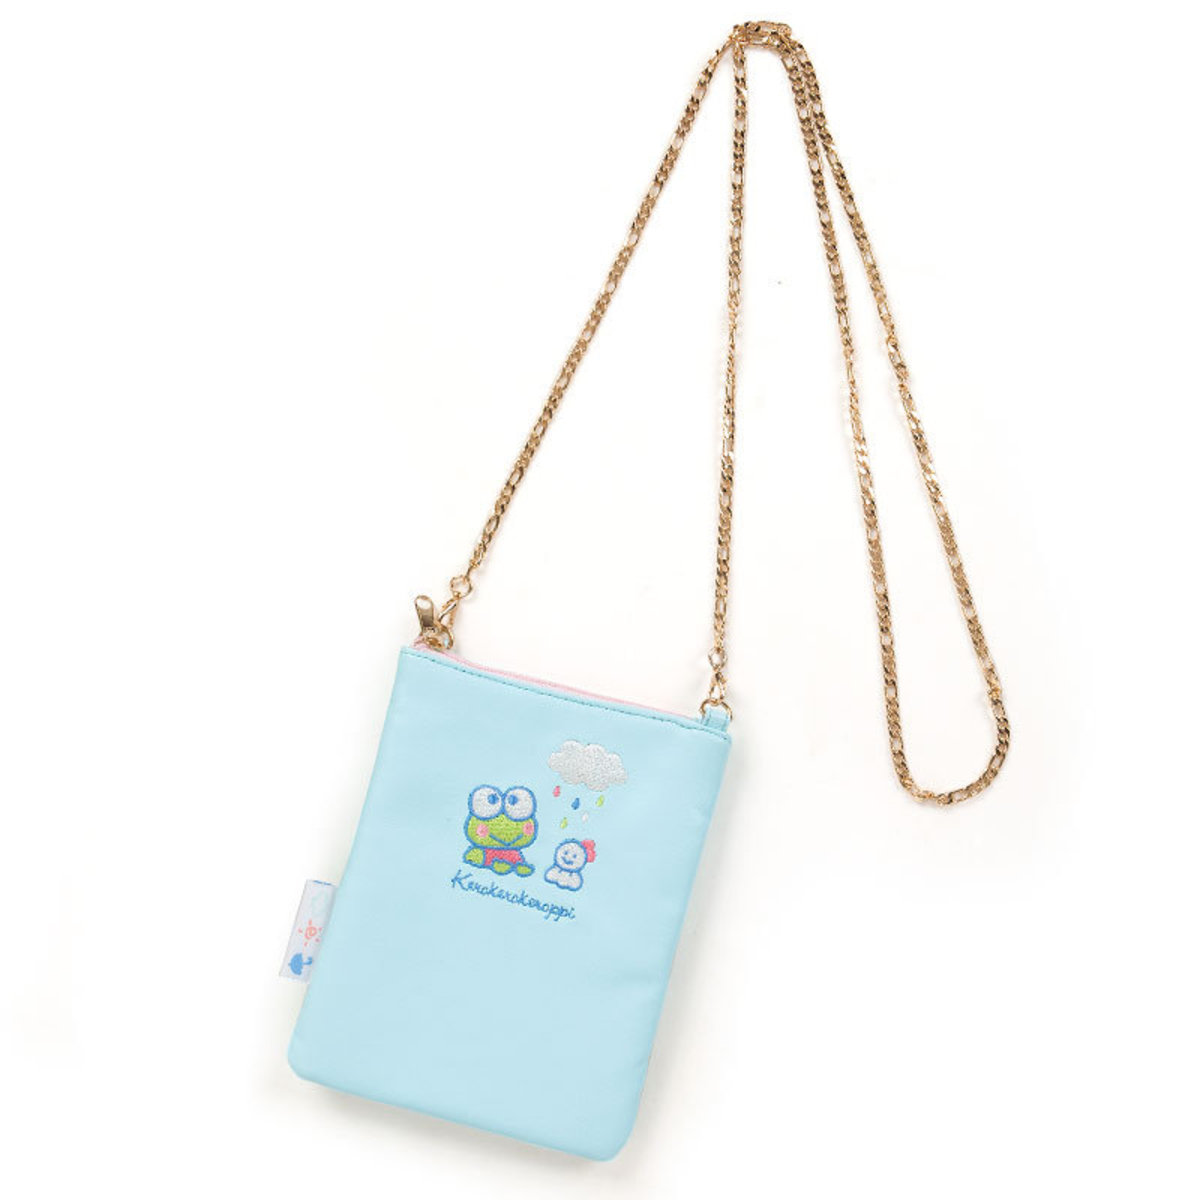 (Kerokeroppi) 日本Sanrio 迷你手袋 配鏈帶